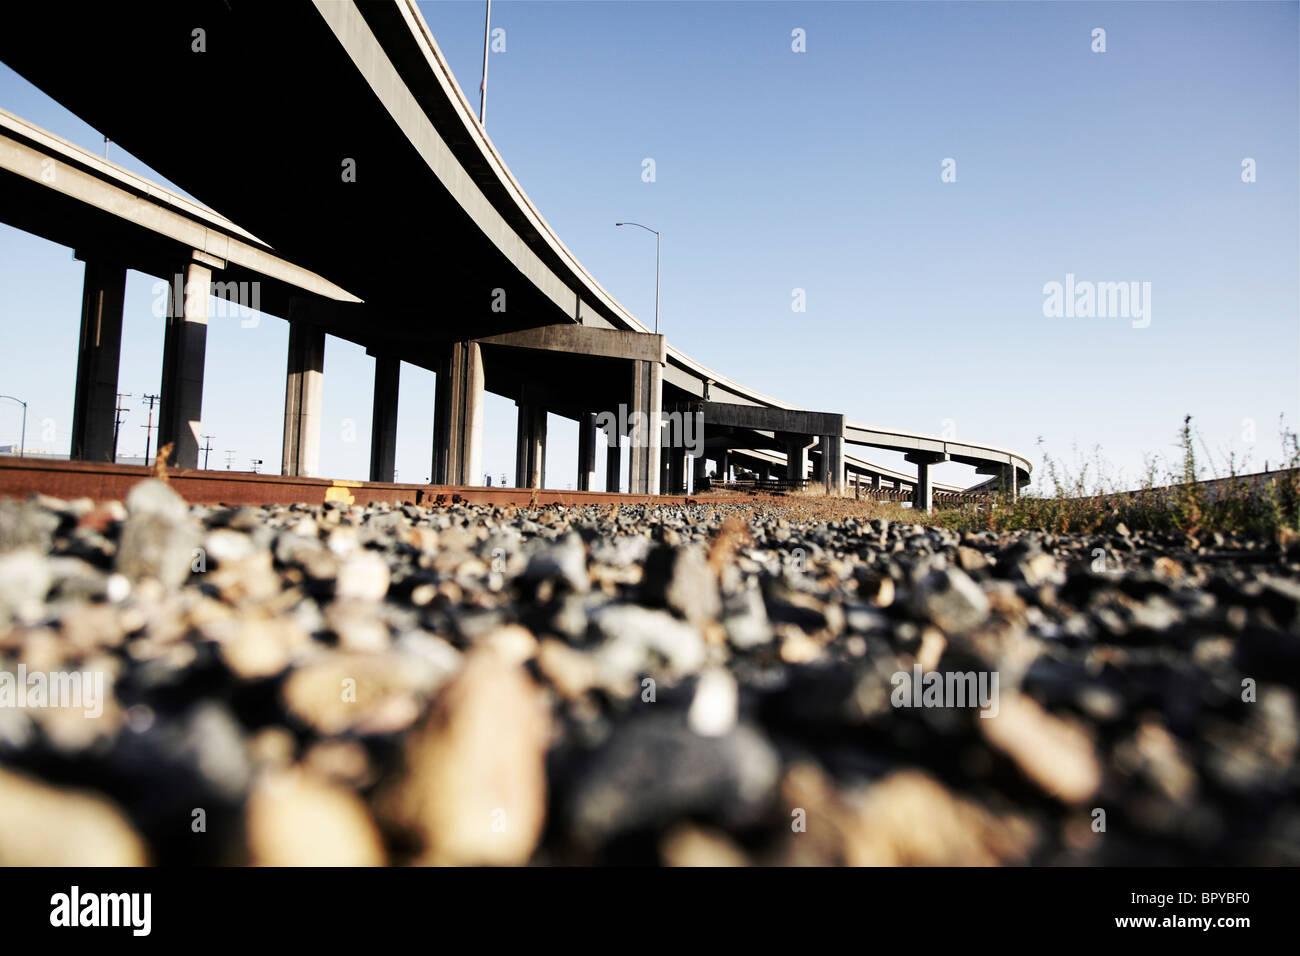 Paysage industriel avec viaduc Photo Stock